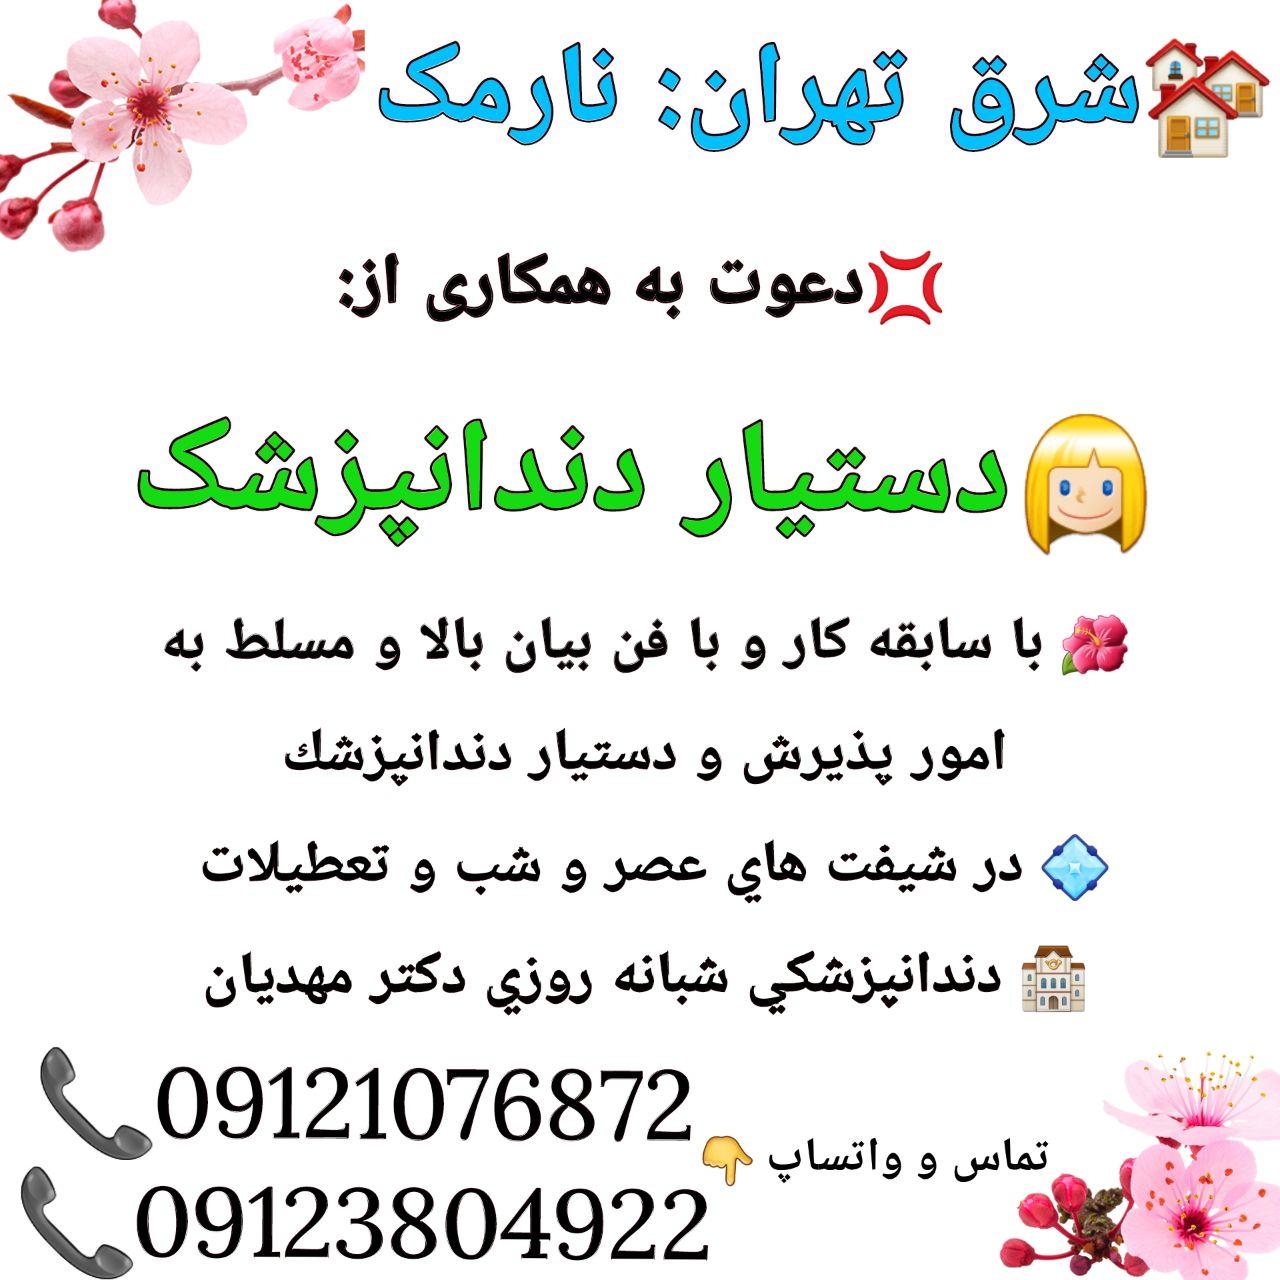 شرق تهران: نارمک، نیاز به دستیار دندانپزشک